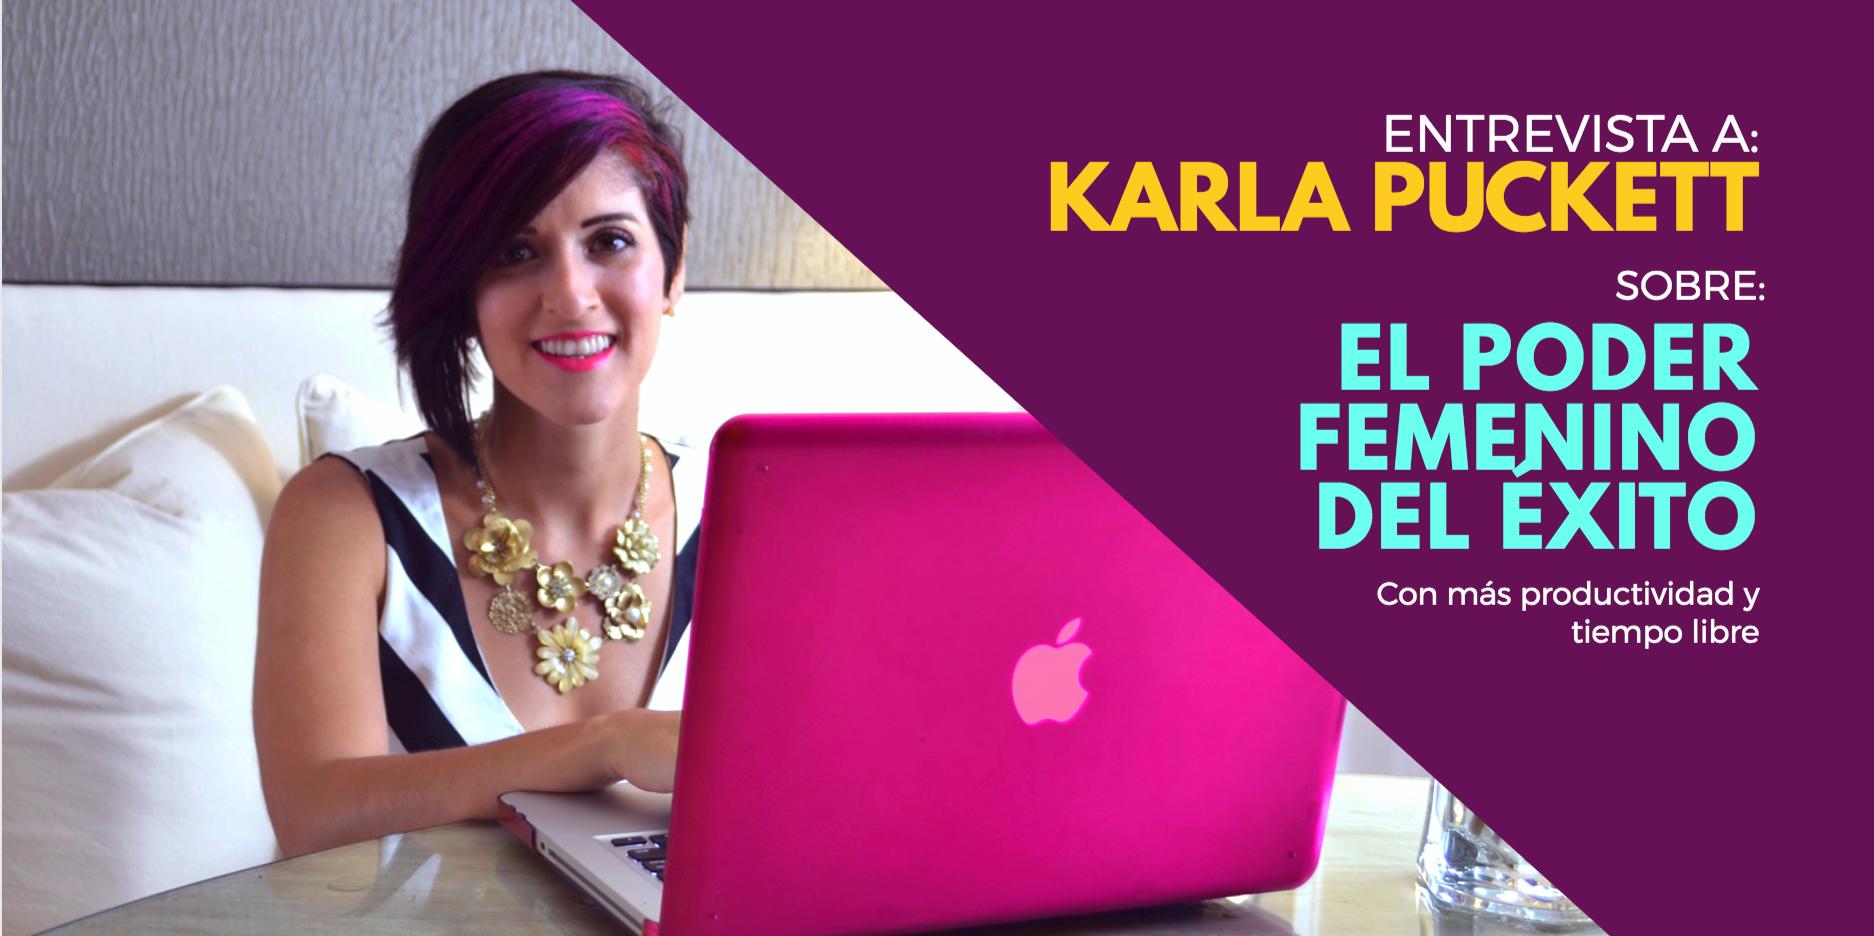 Karla Puckett: El Poder Femenino del Éxito